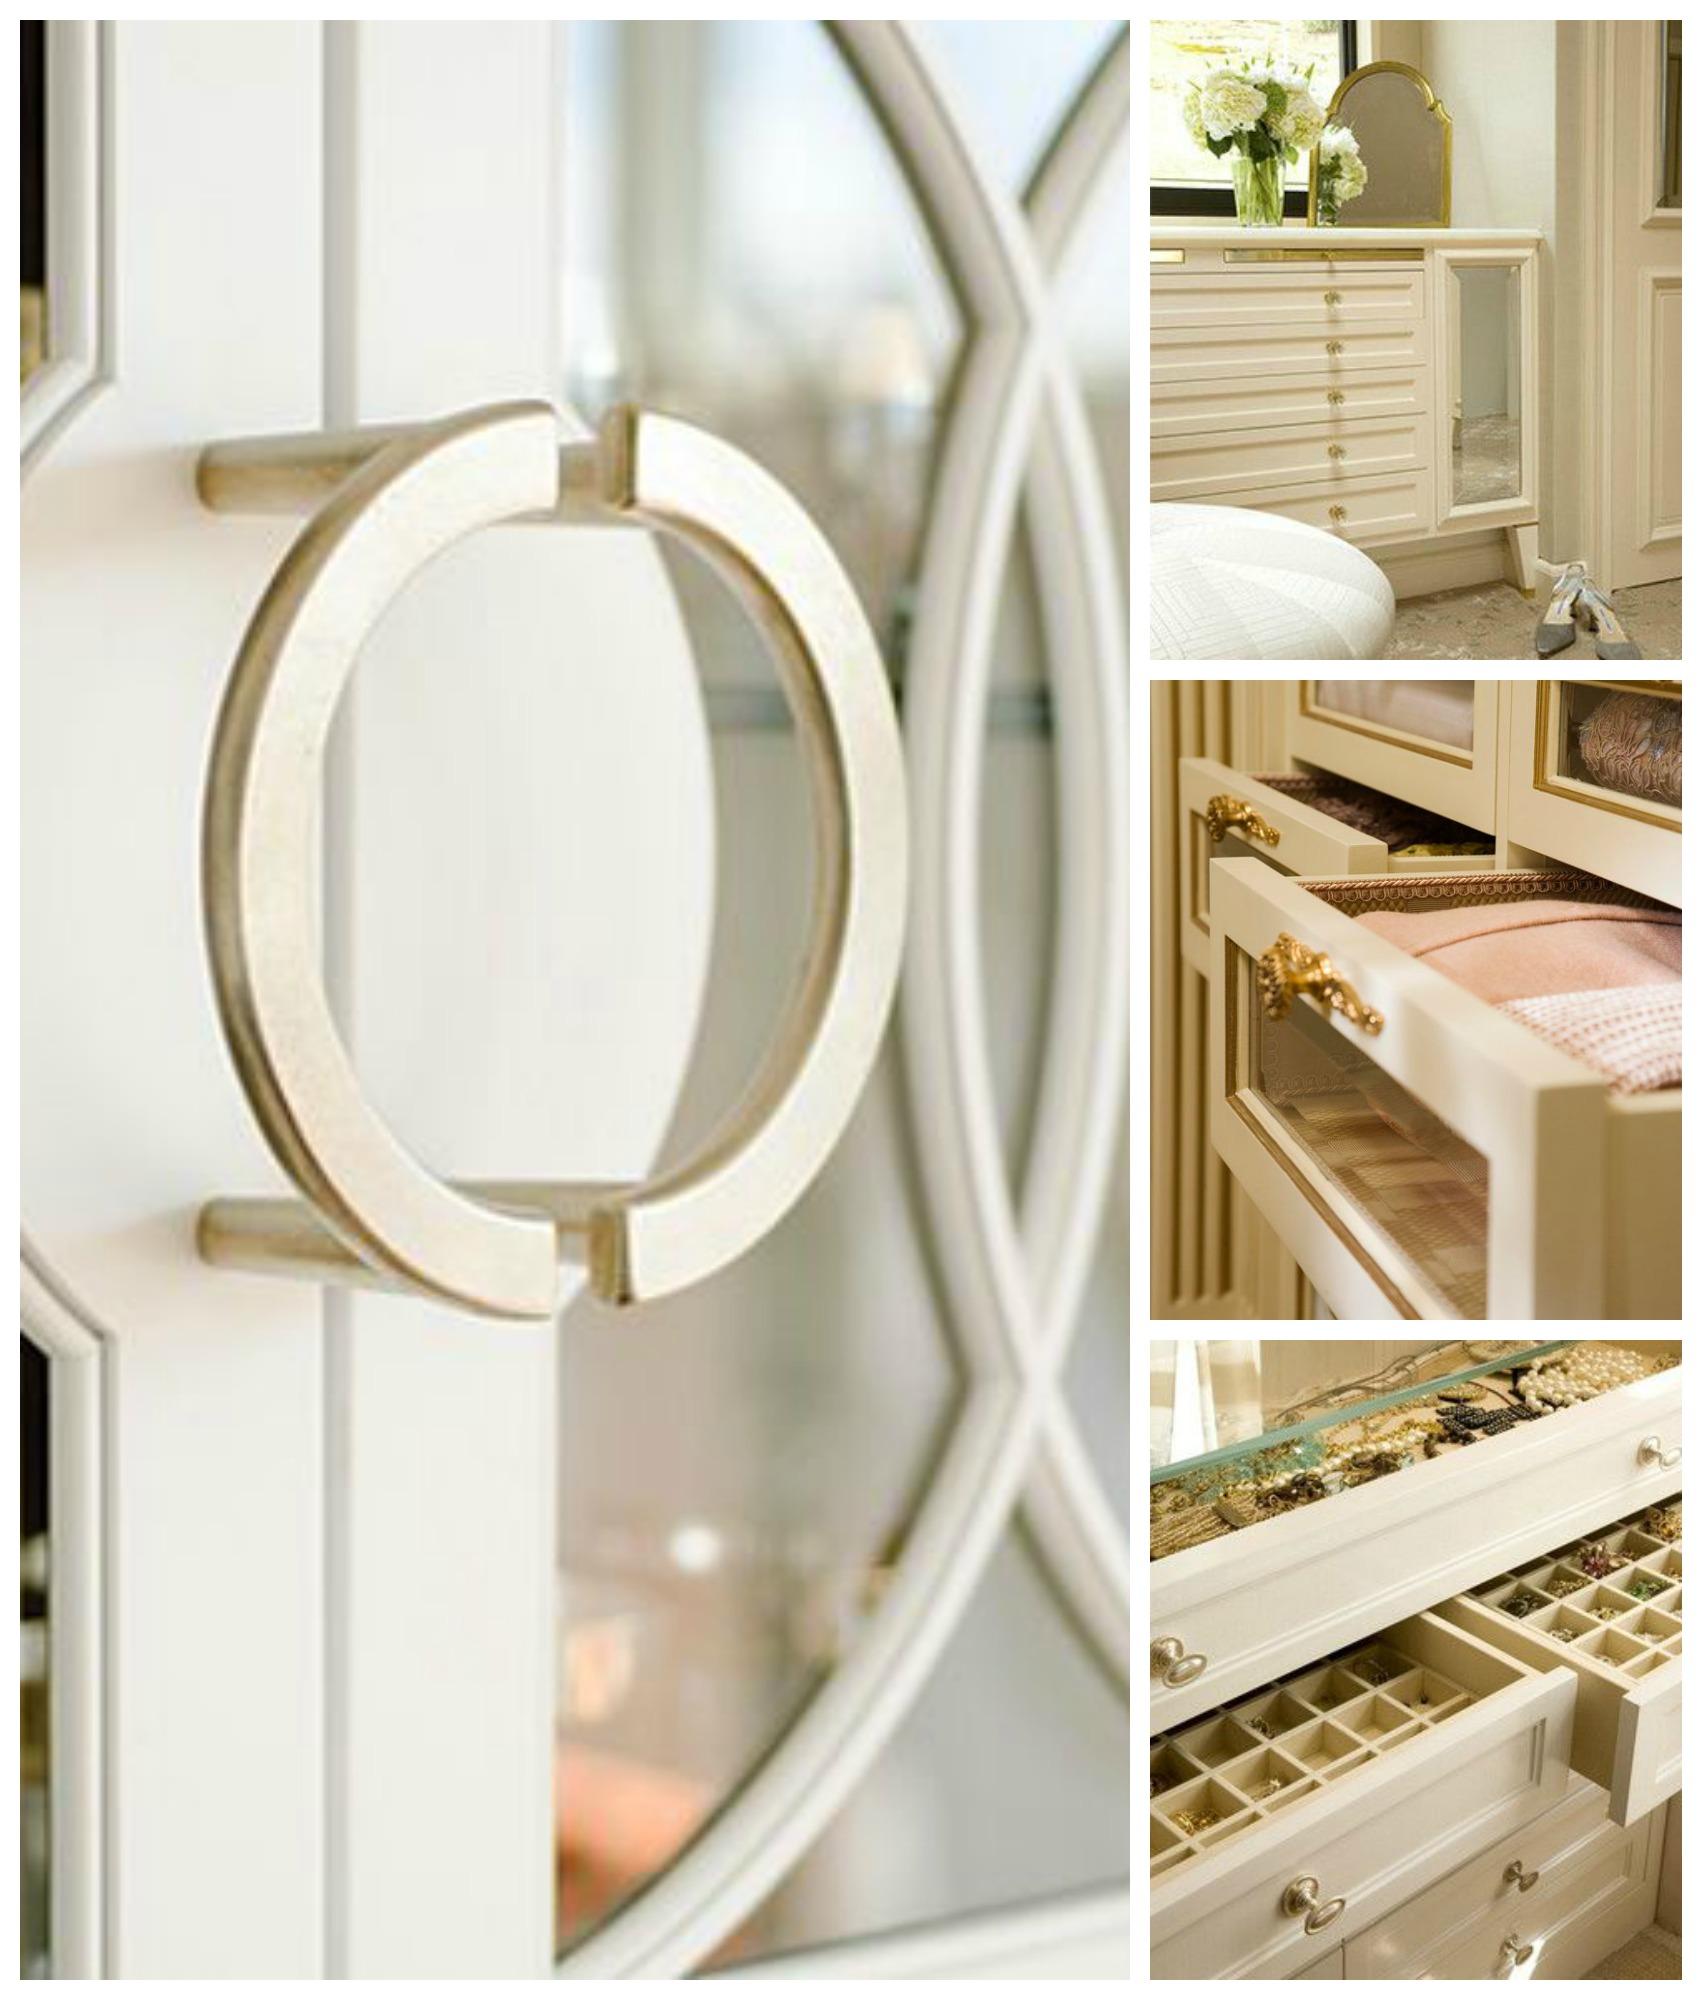 Glamor Closet Design Guamnewswatch Com All Things Home Design